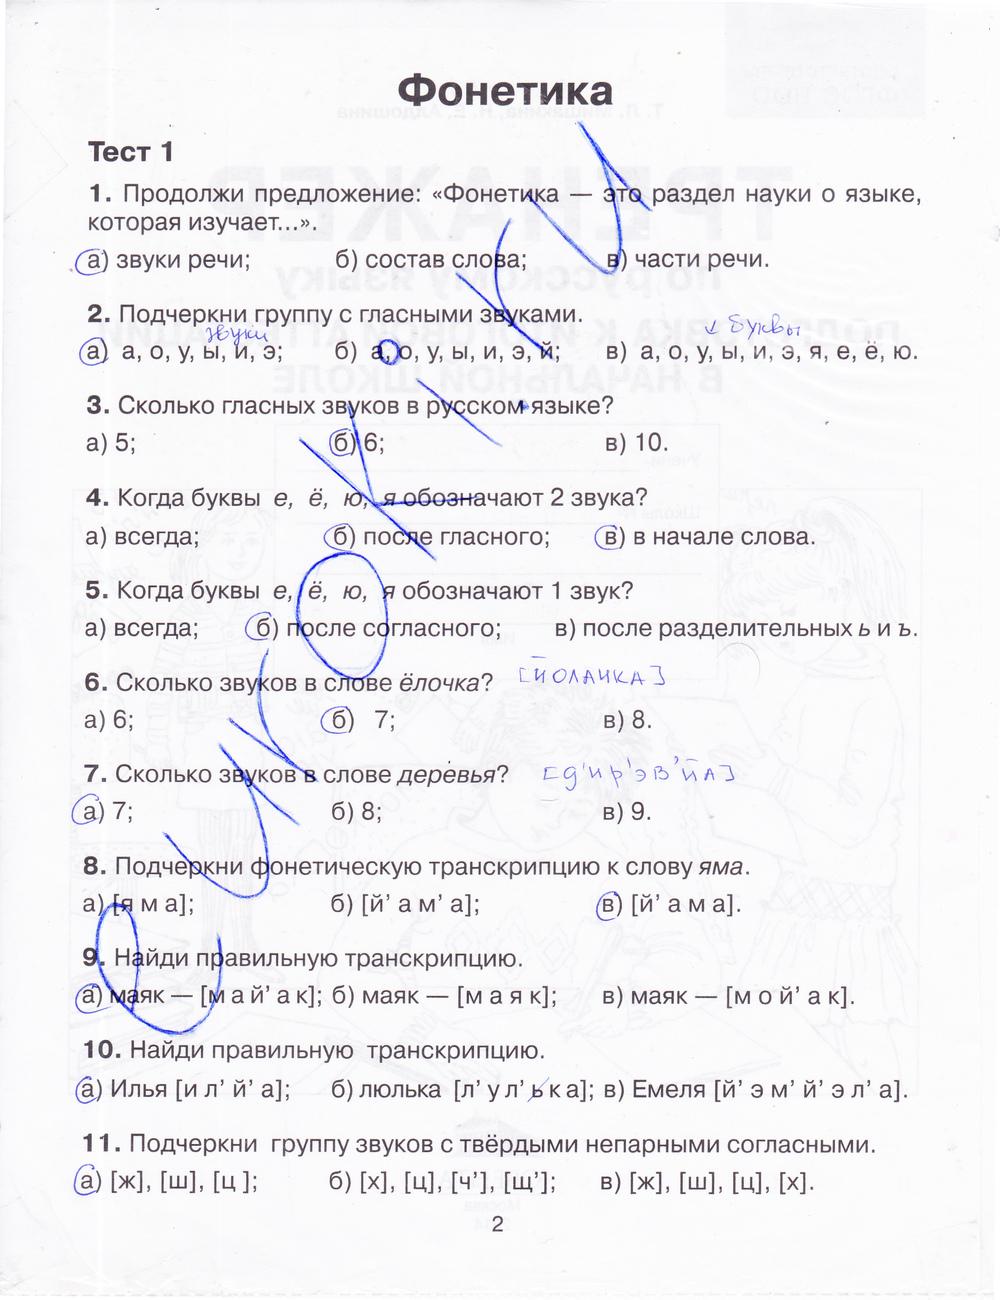 Задания из учебника: с.2 - решение